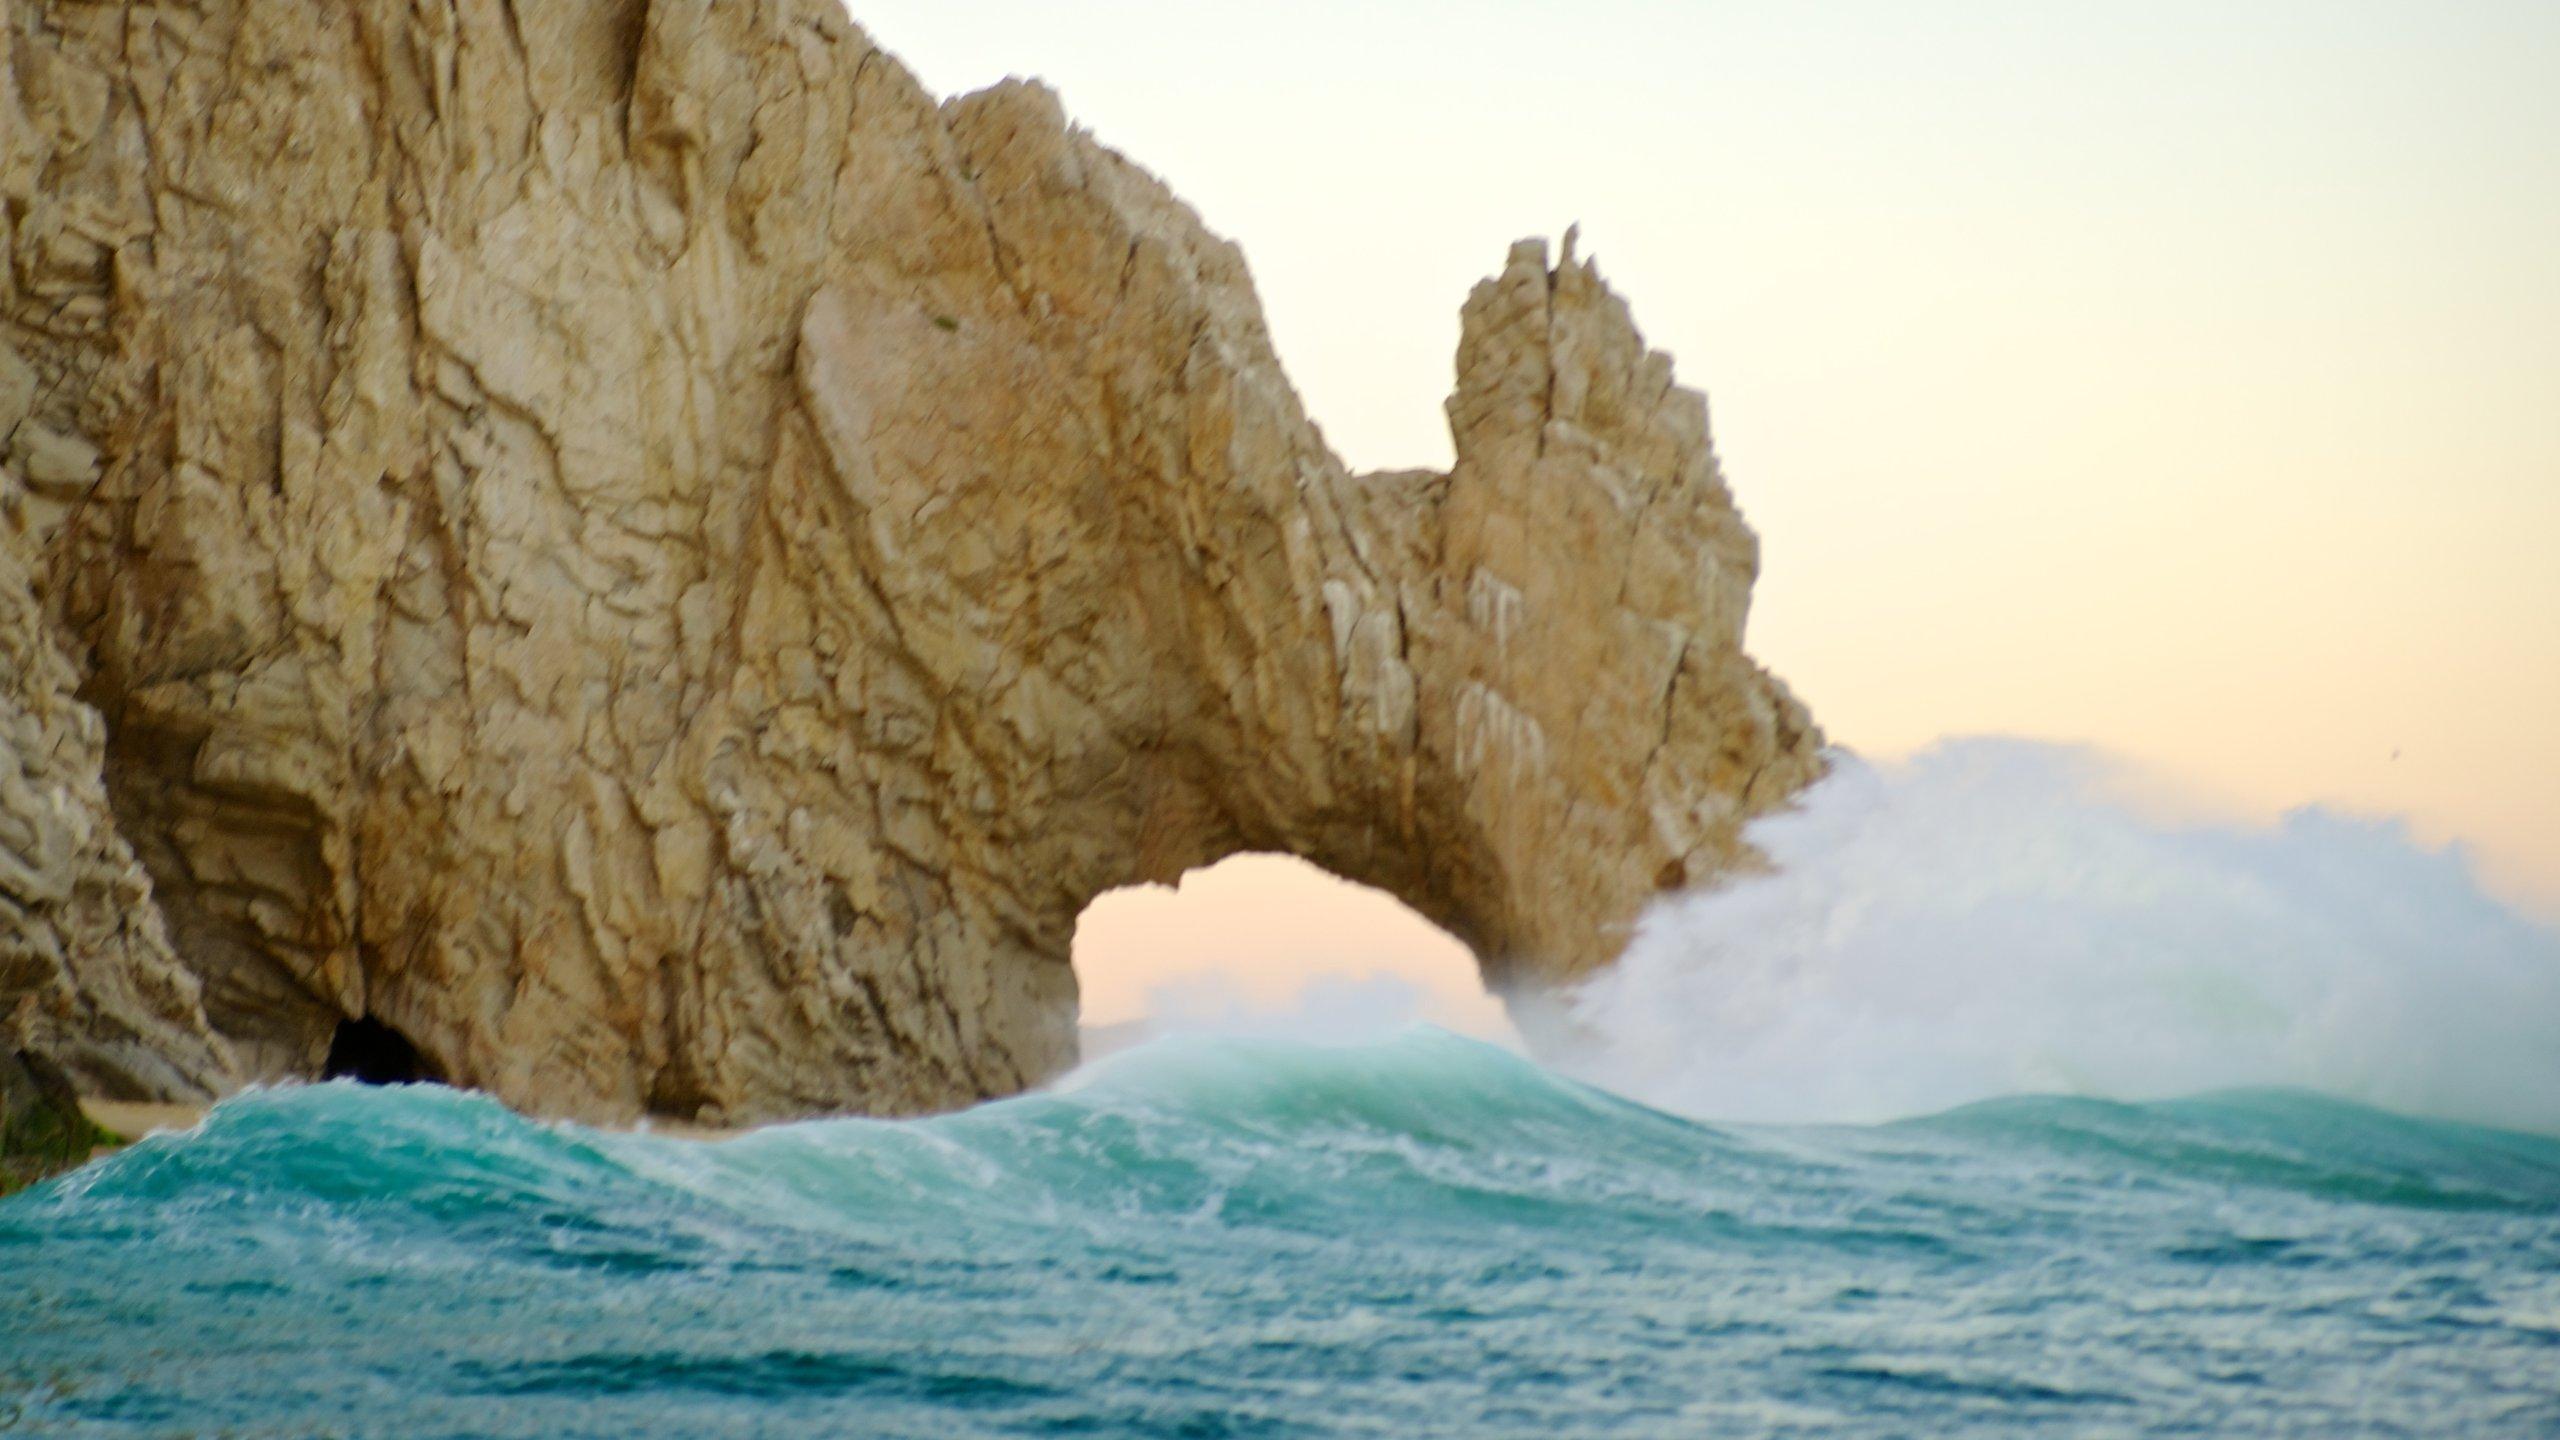 El Arco, Los Cabos, Baja California Sur/Süden der Baja California, Mexiko